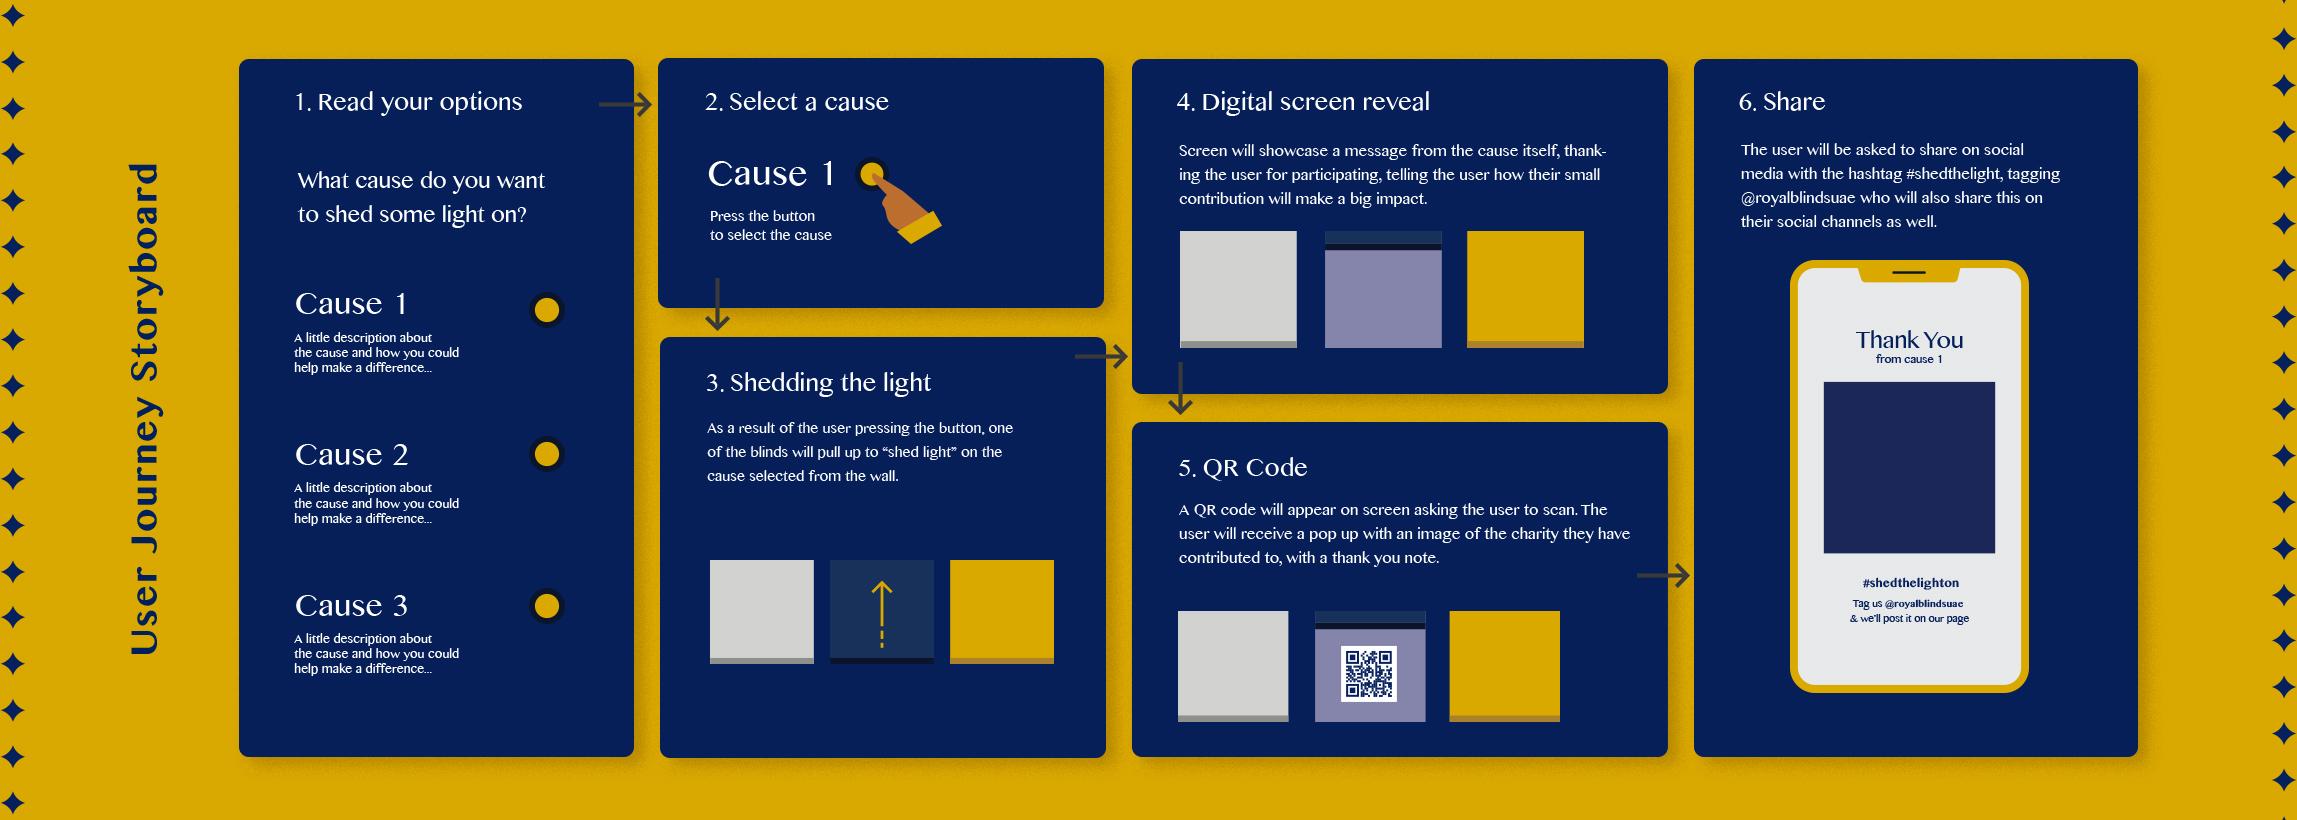 user-journey-storyboard-royal-blinds